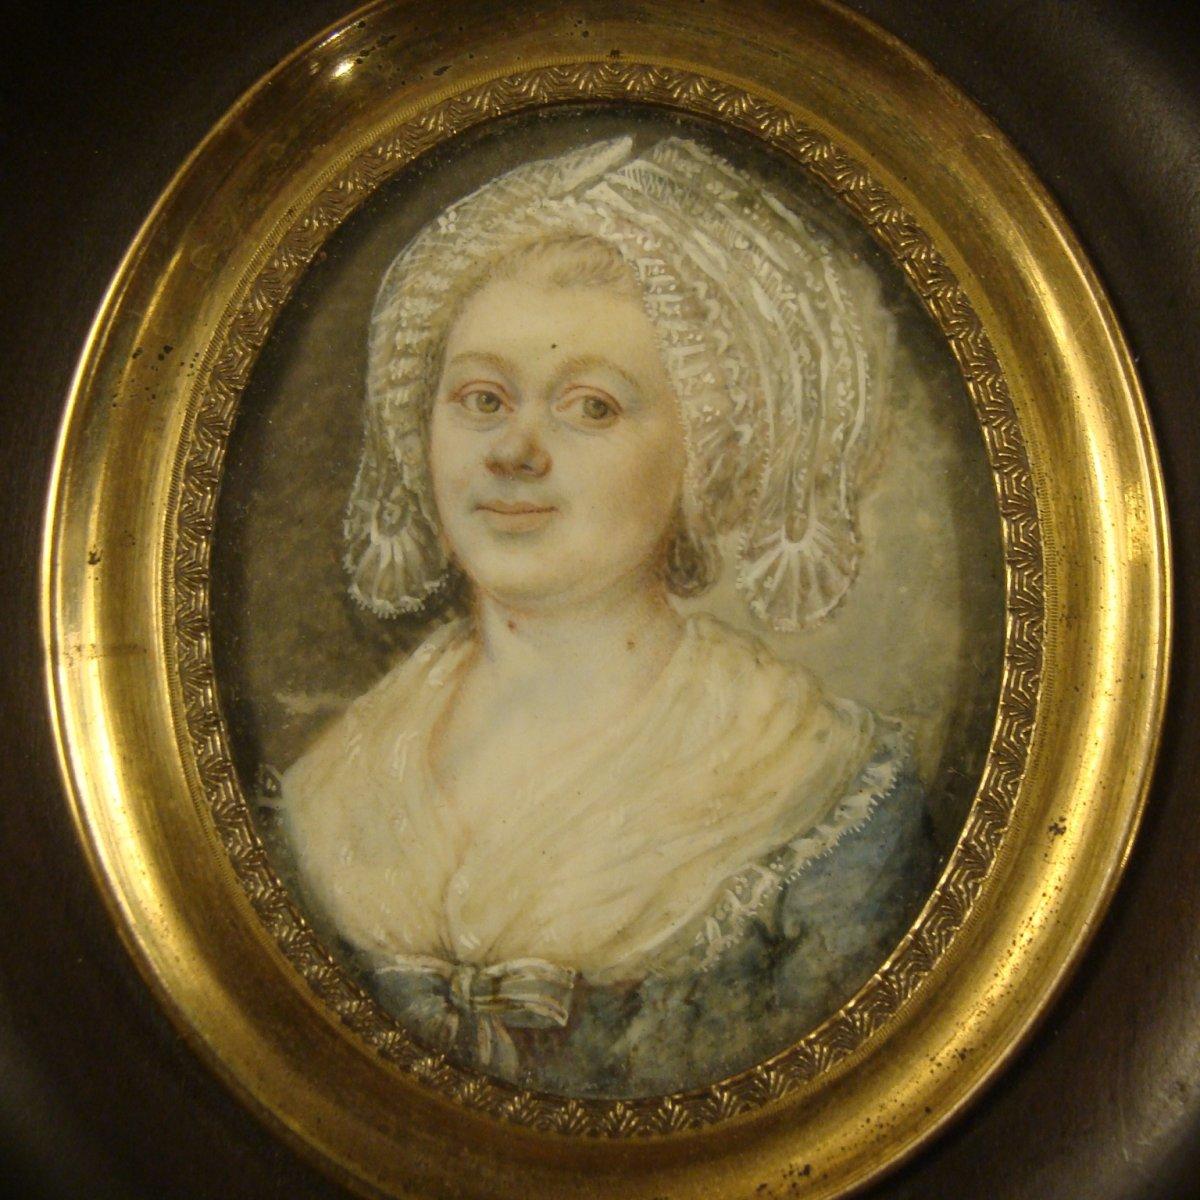 Portrait Of Woman, Miniature